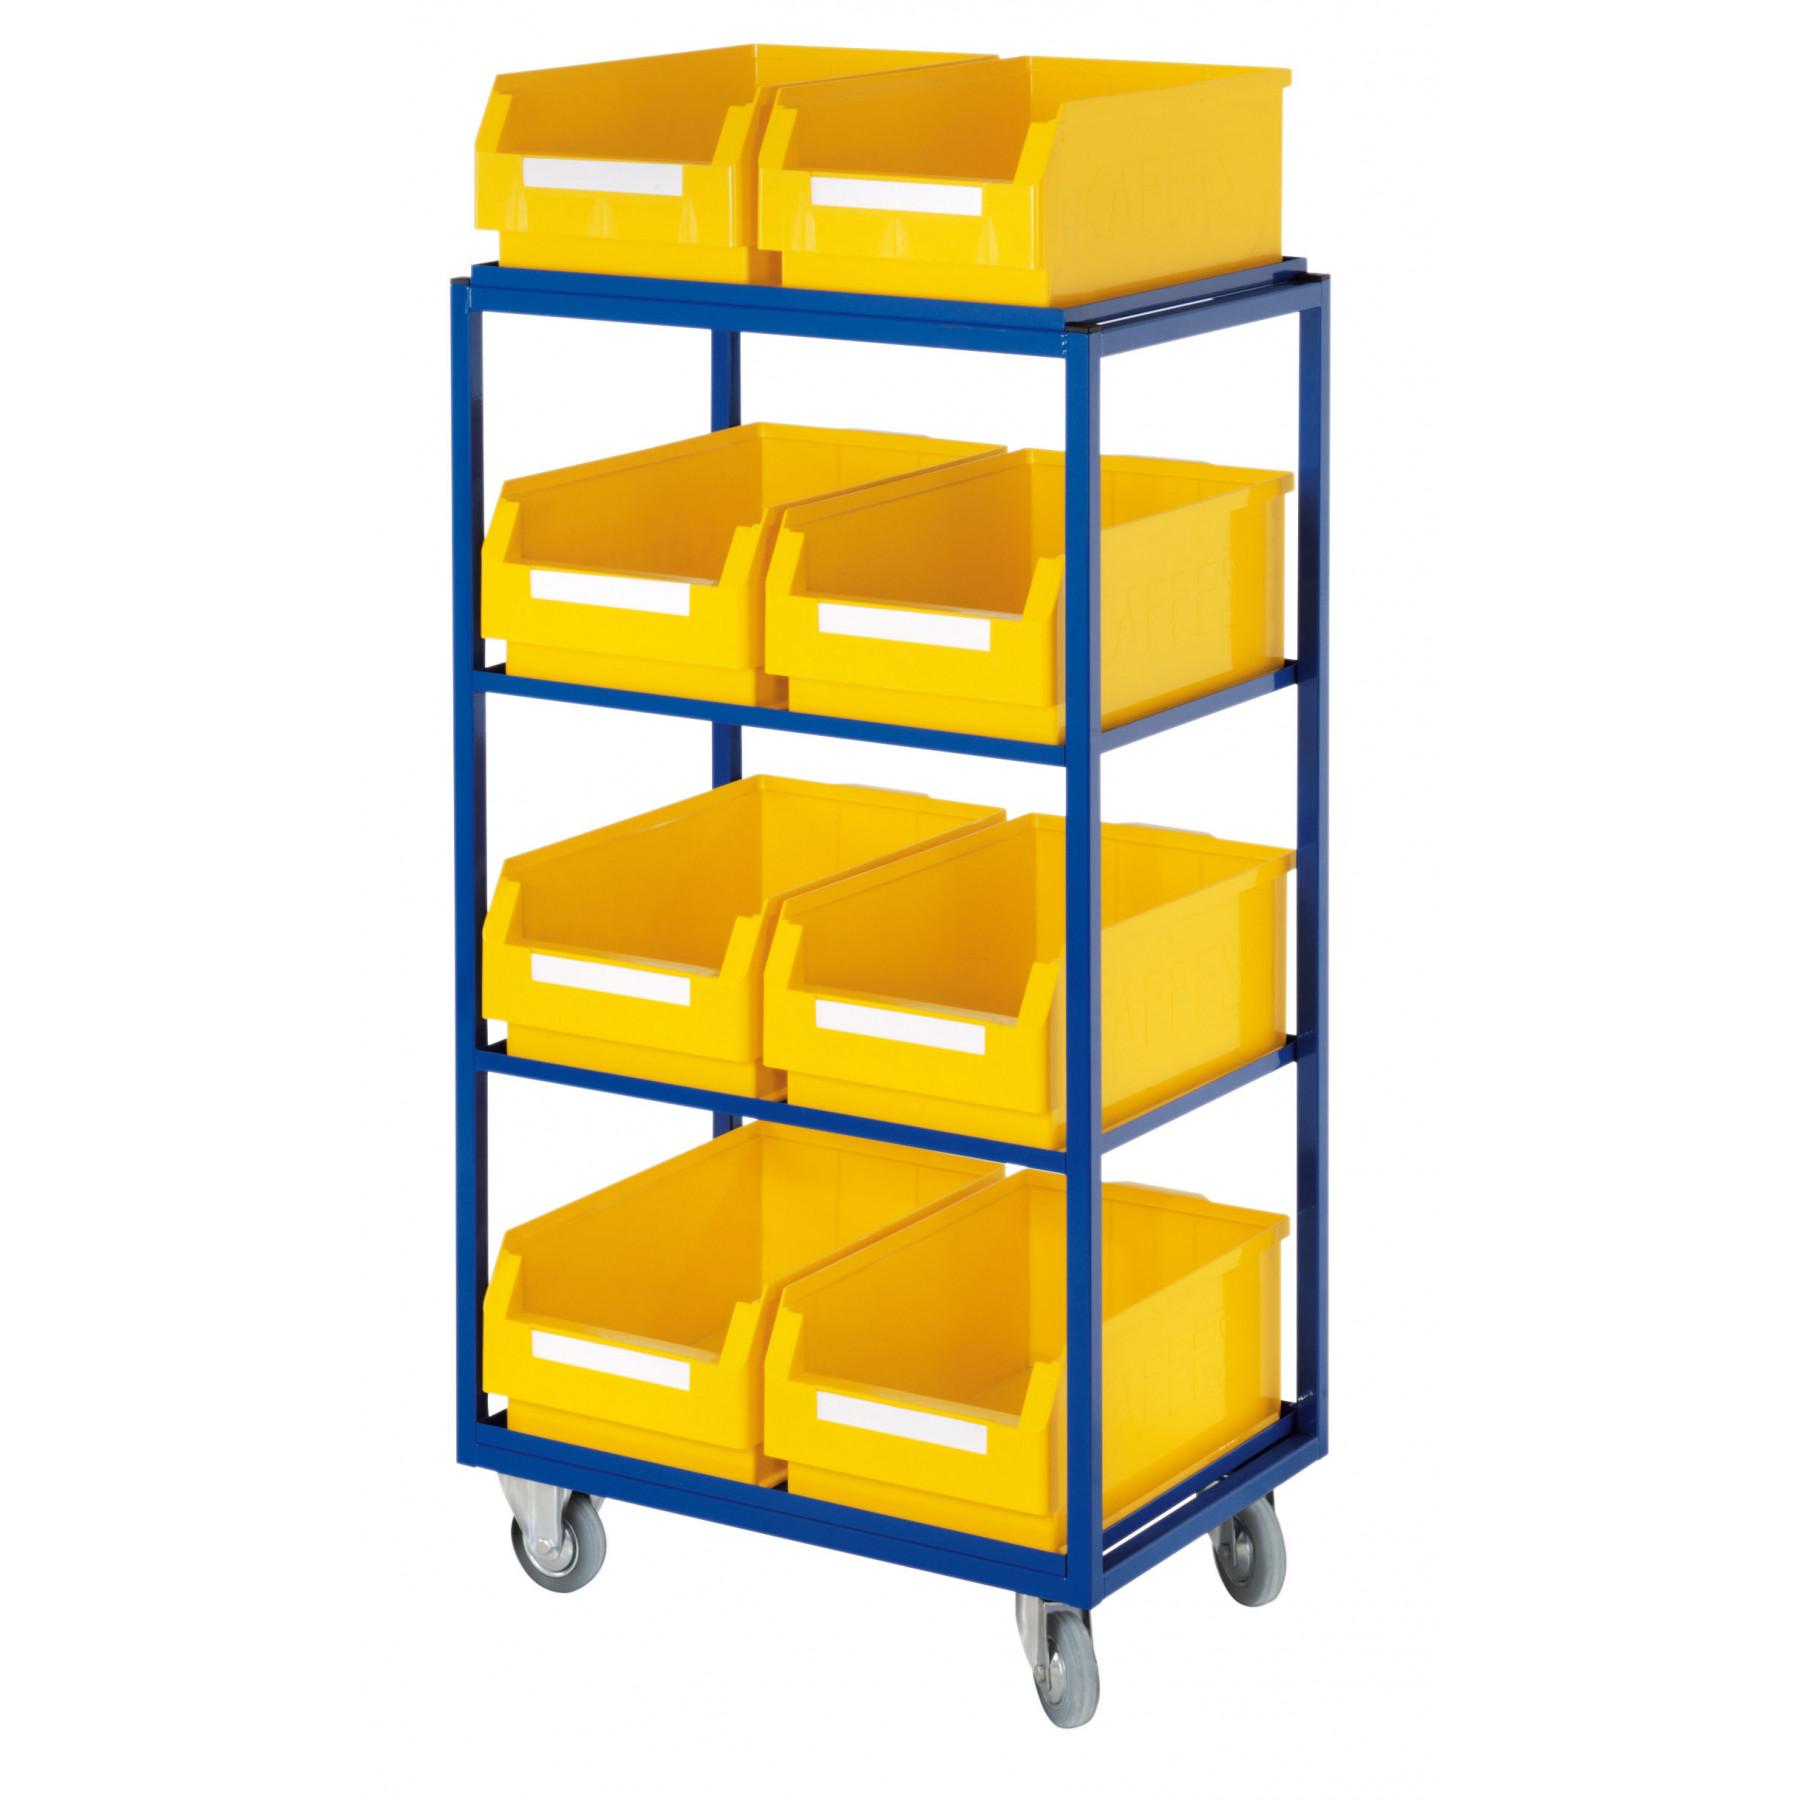 ®RasterPlan orderpickwagen met 4 rechte legborden en 8 magazijnbakken, 7706.02.0121